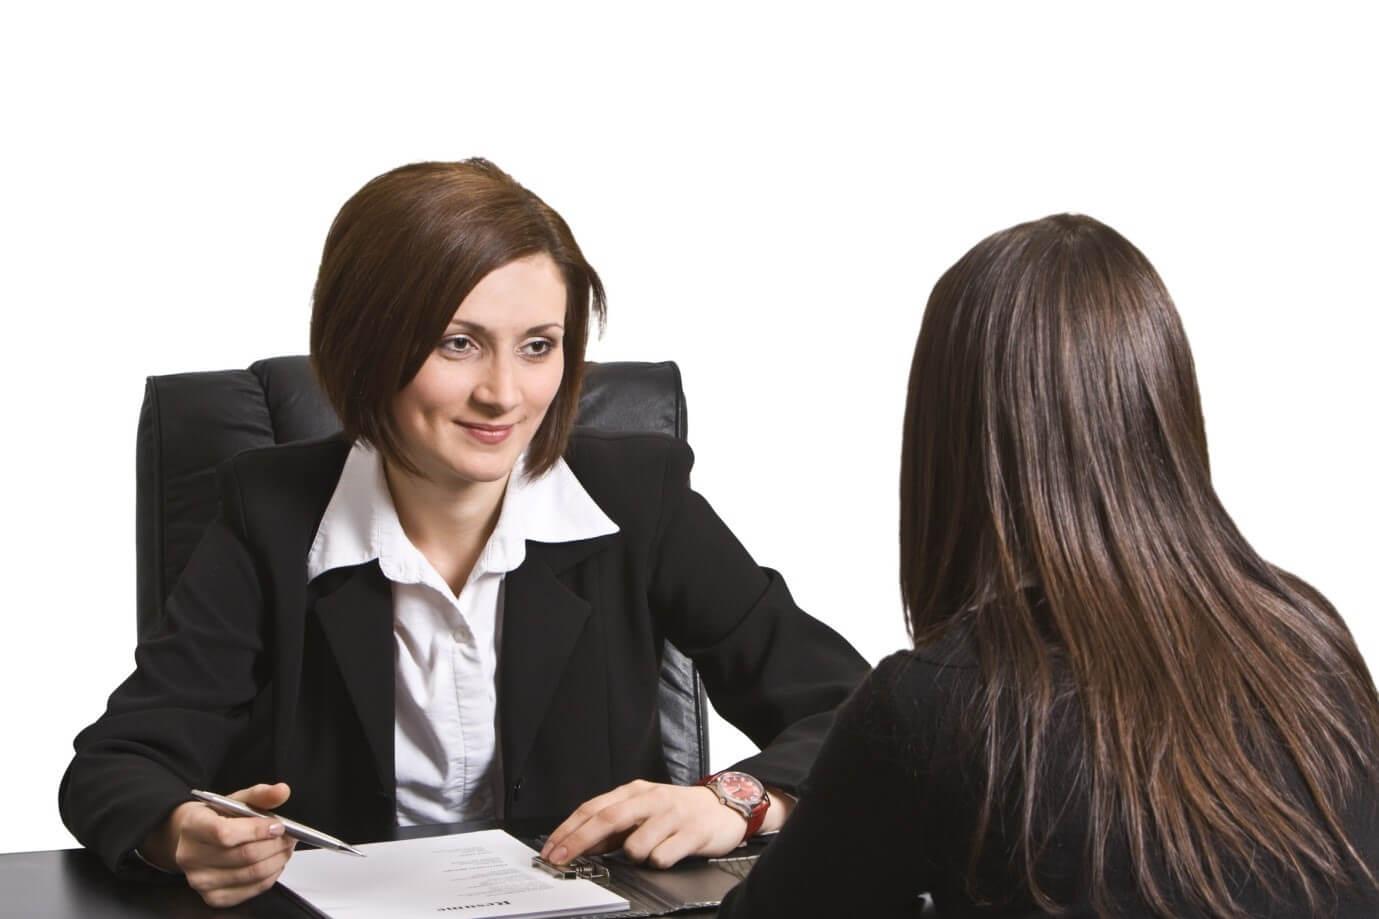 Nếu quá trình xin học bổng có phỏng vấn, hãy tự tin vào chính mình